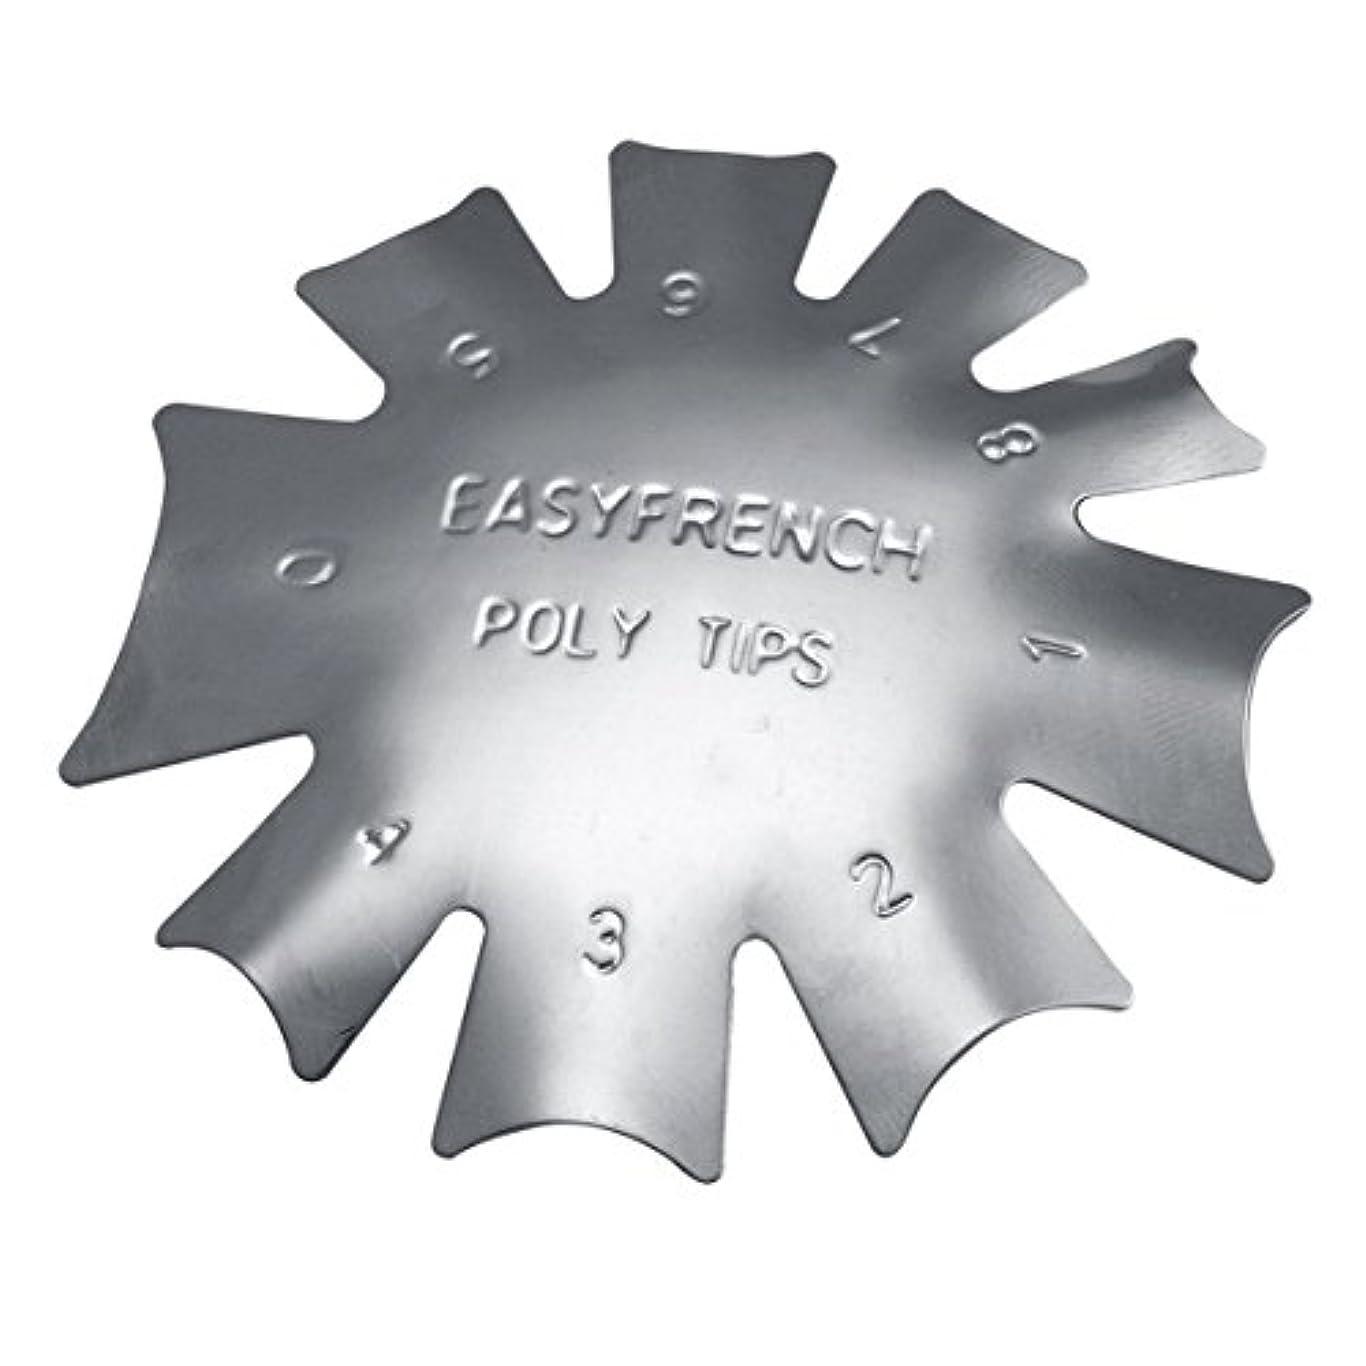 適性日常的にボクシング3ピース/セット丈夫な金属ステンレス鋼フレンチマニキュアモデリング整形プレートクリスタルネイル作りスタンピングプレート(シルバー)